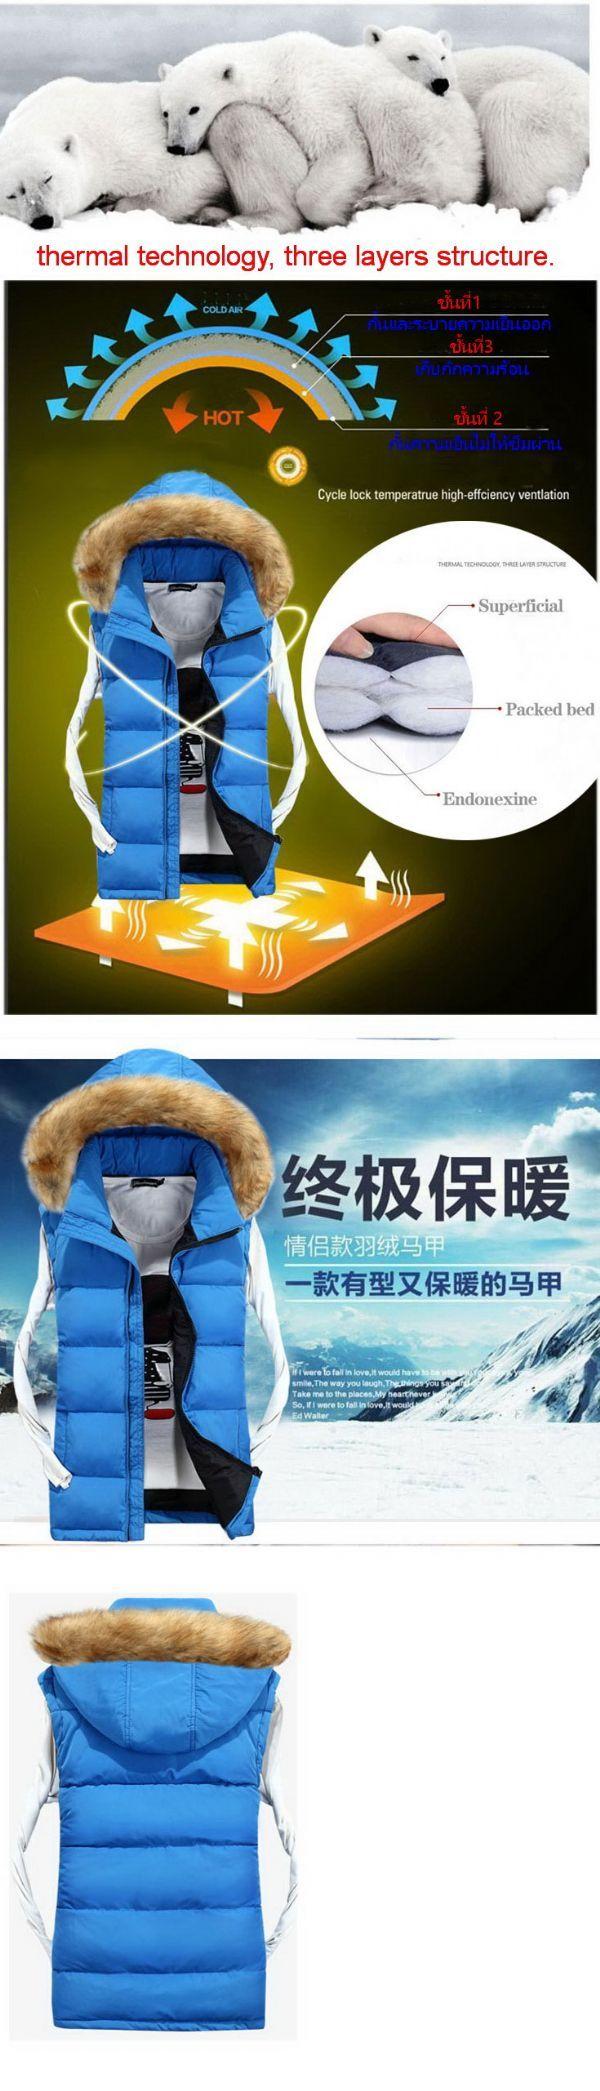 แจ็คเก็ต vest บุกันหนาวมีฮูดแต่งเฟอร์ถอดได้